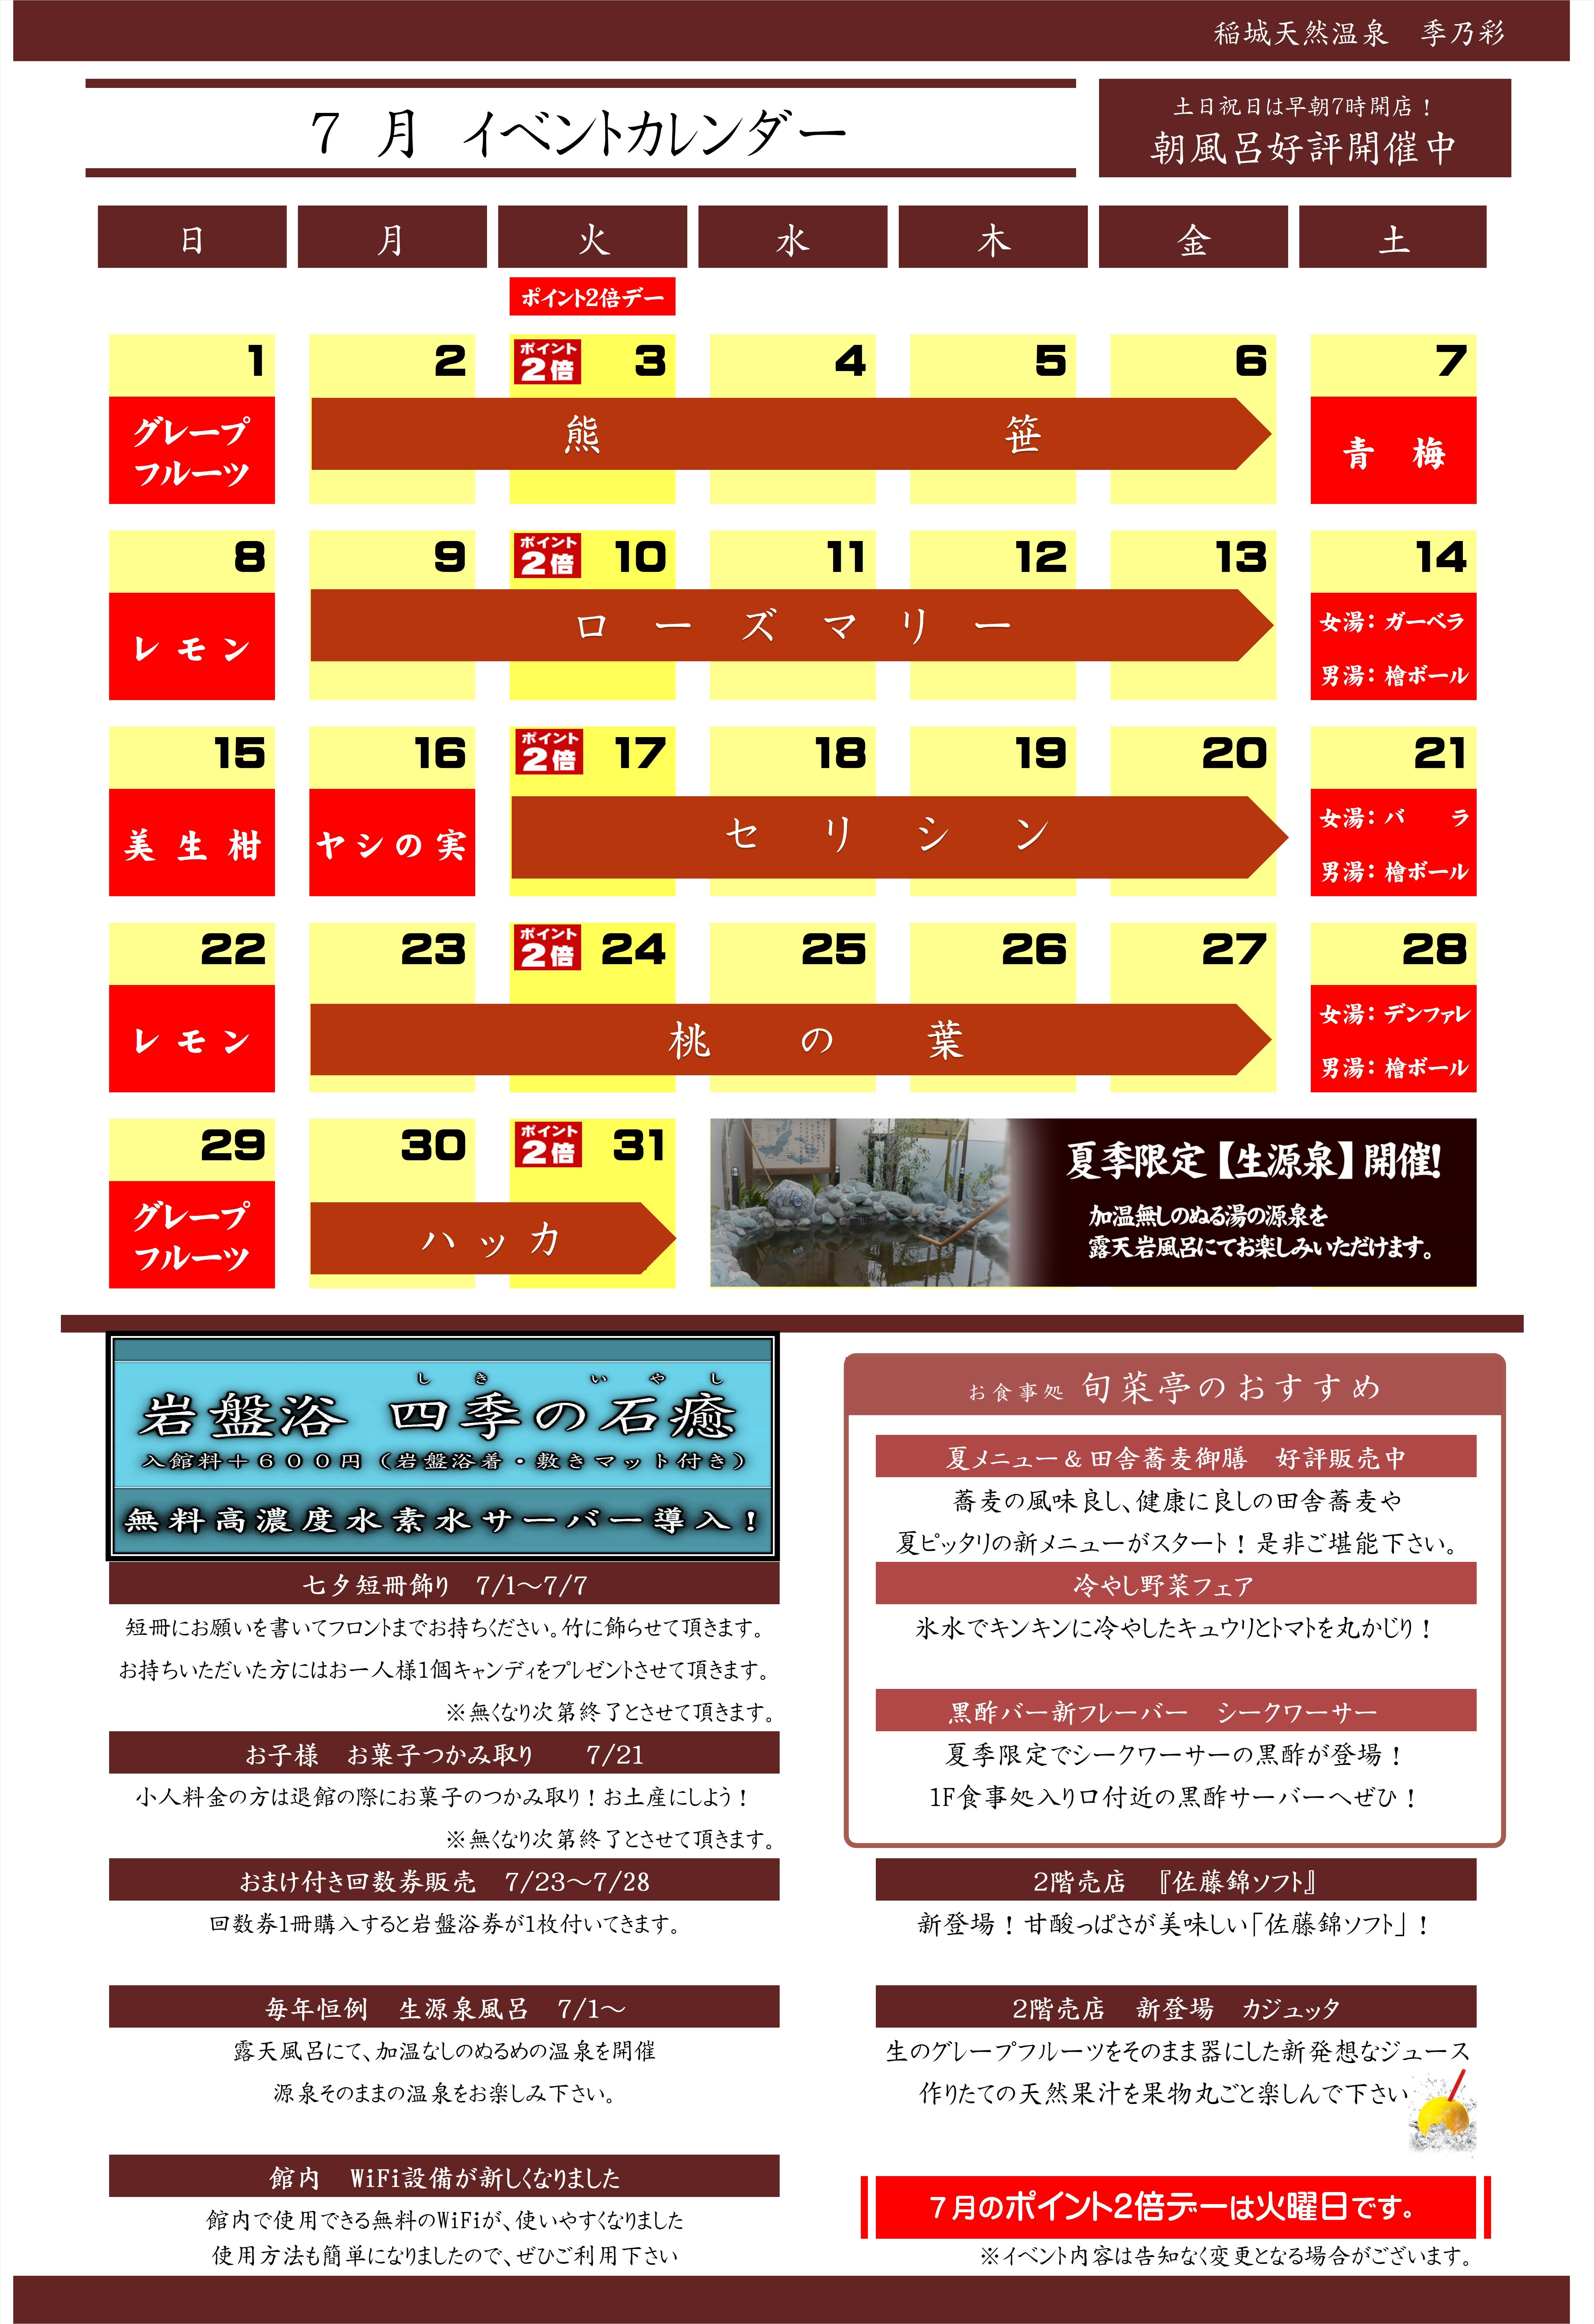 イベントカレンダー 201807